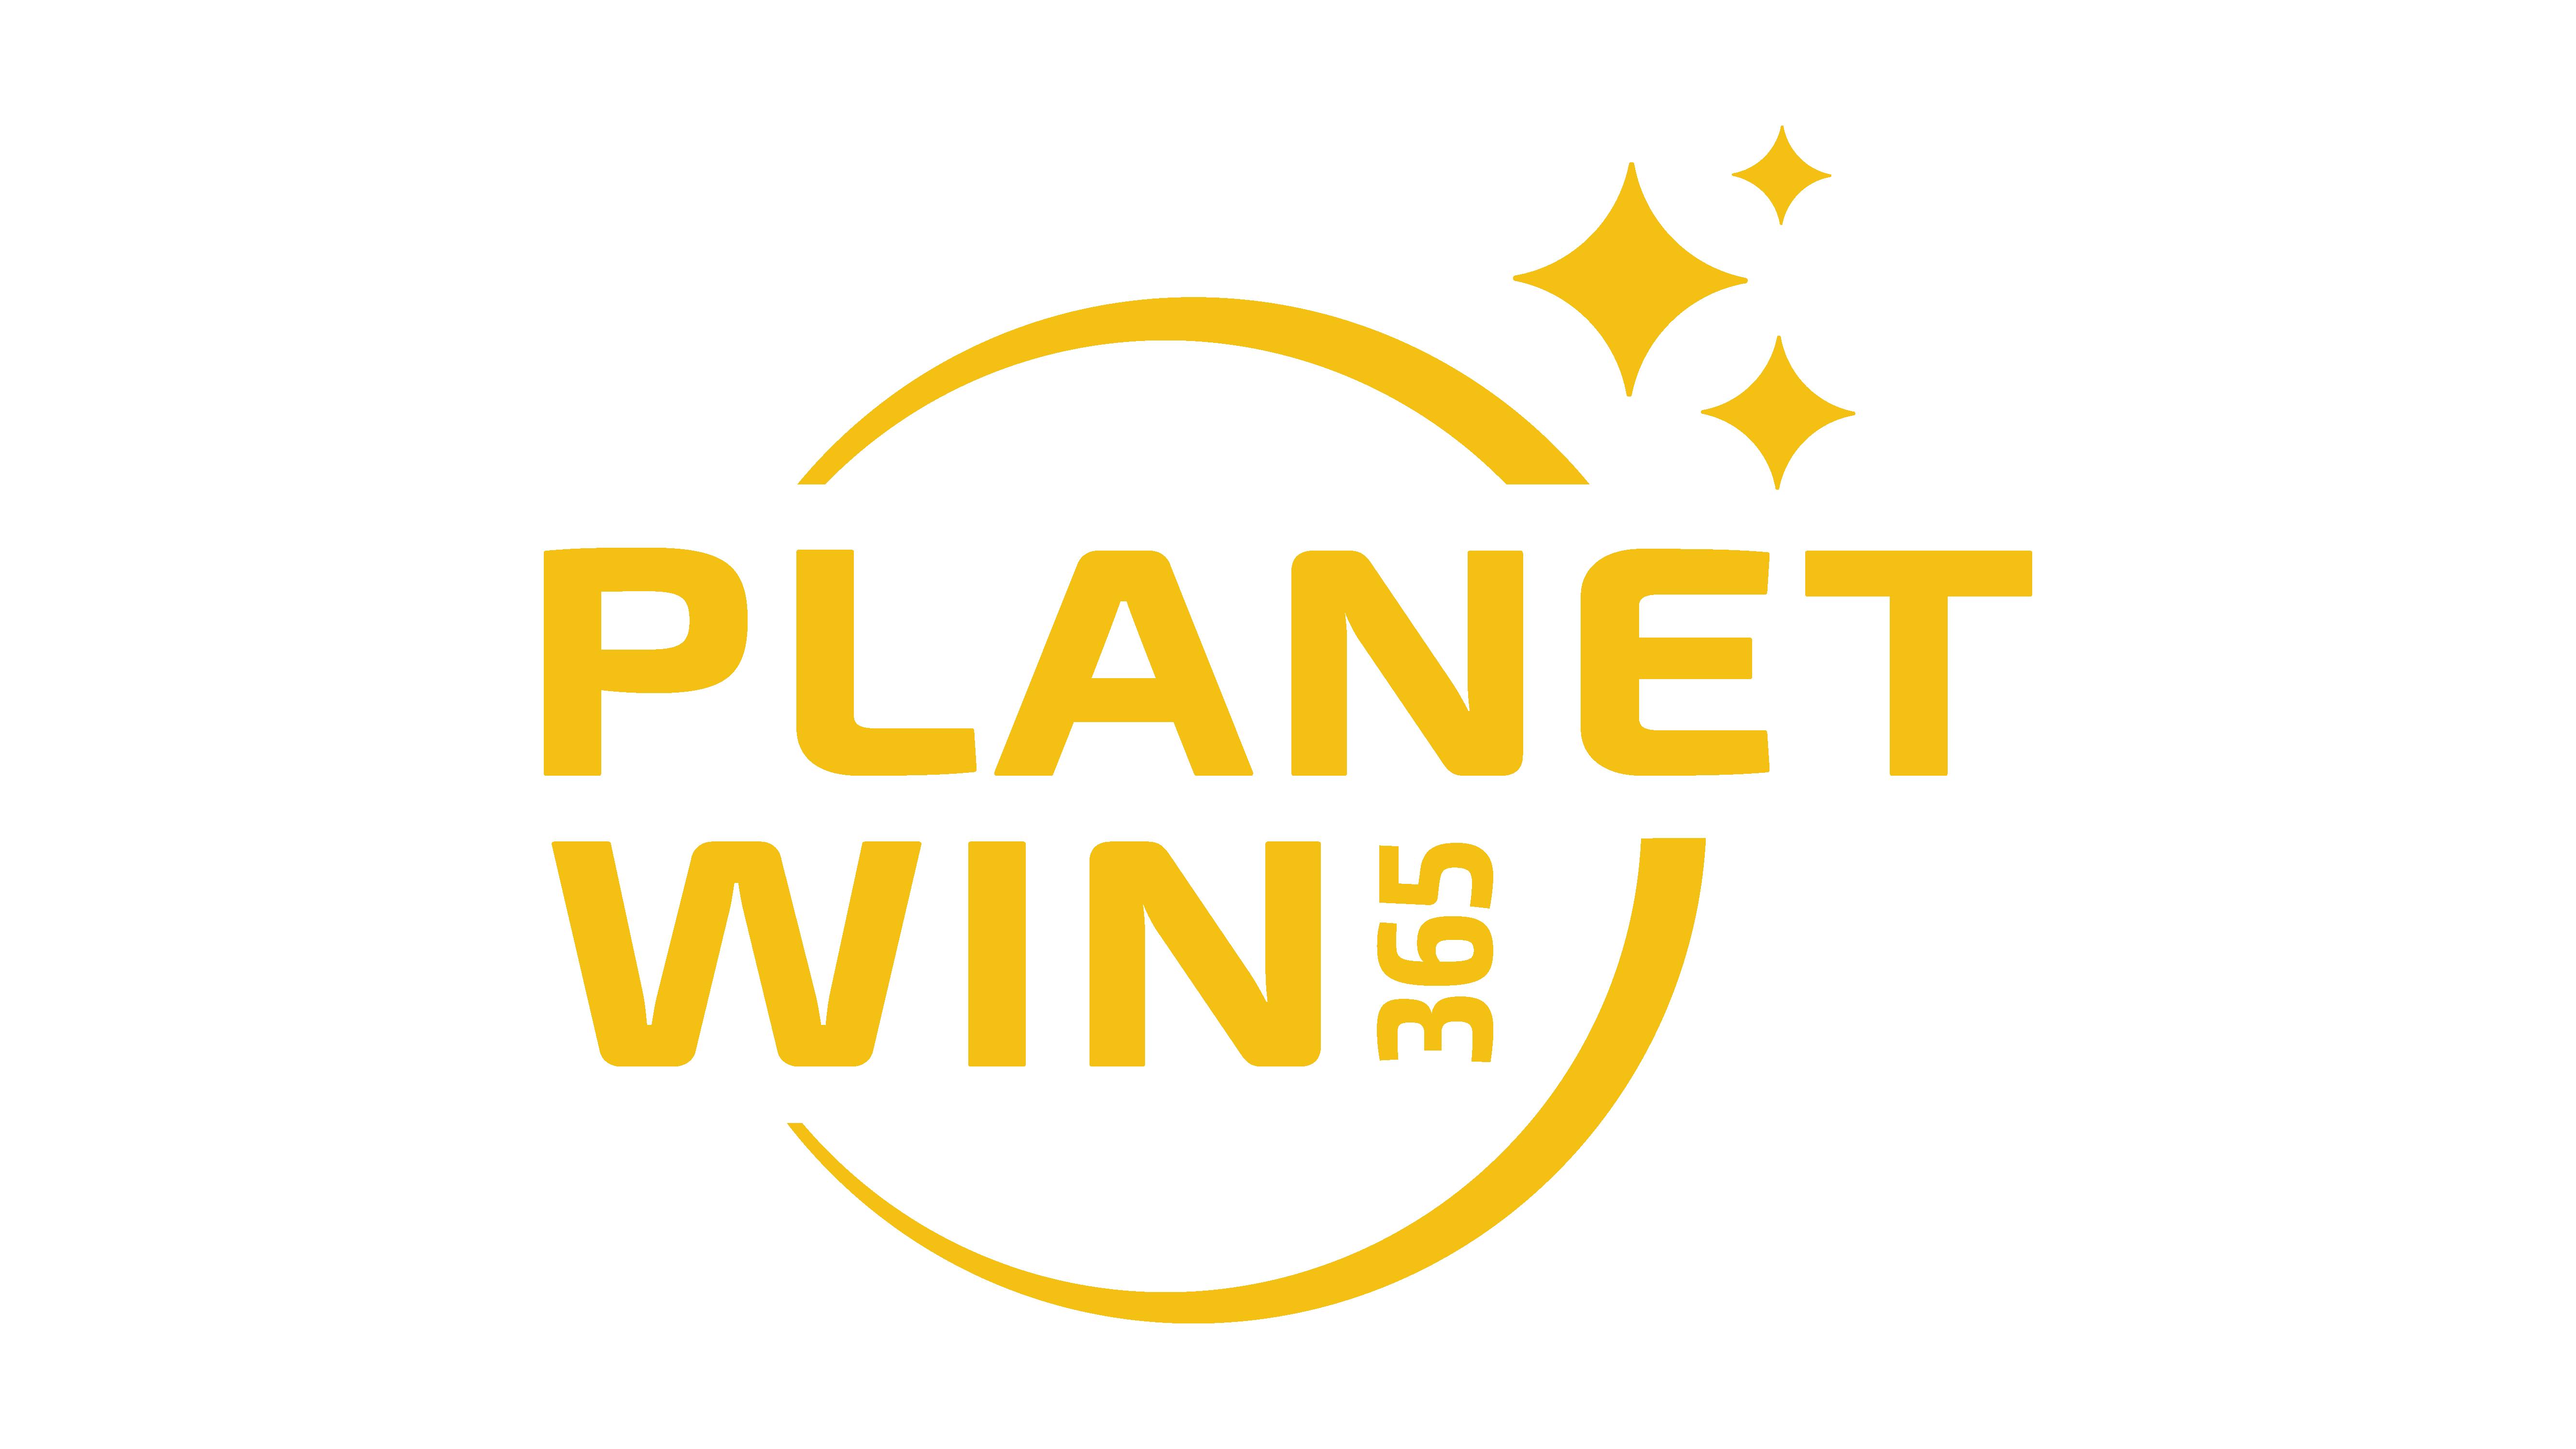 planetwin365 lancia la sua nuova brand identity: una realtà tutta nuova che parte dal logo